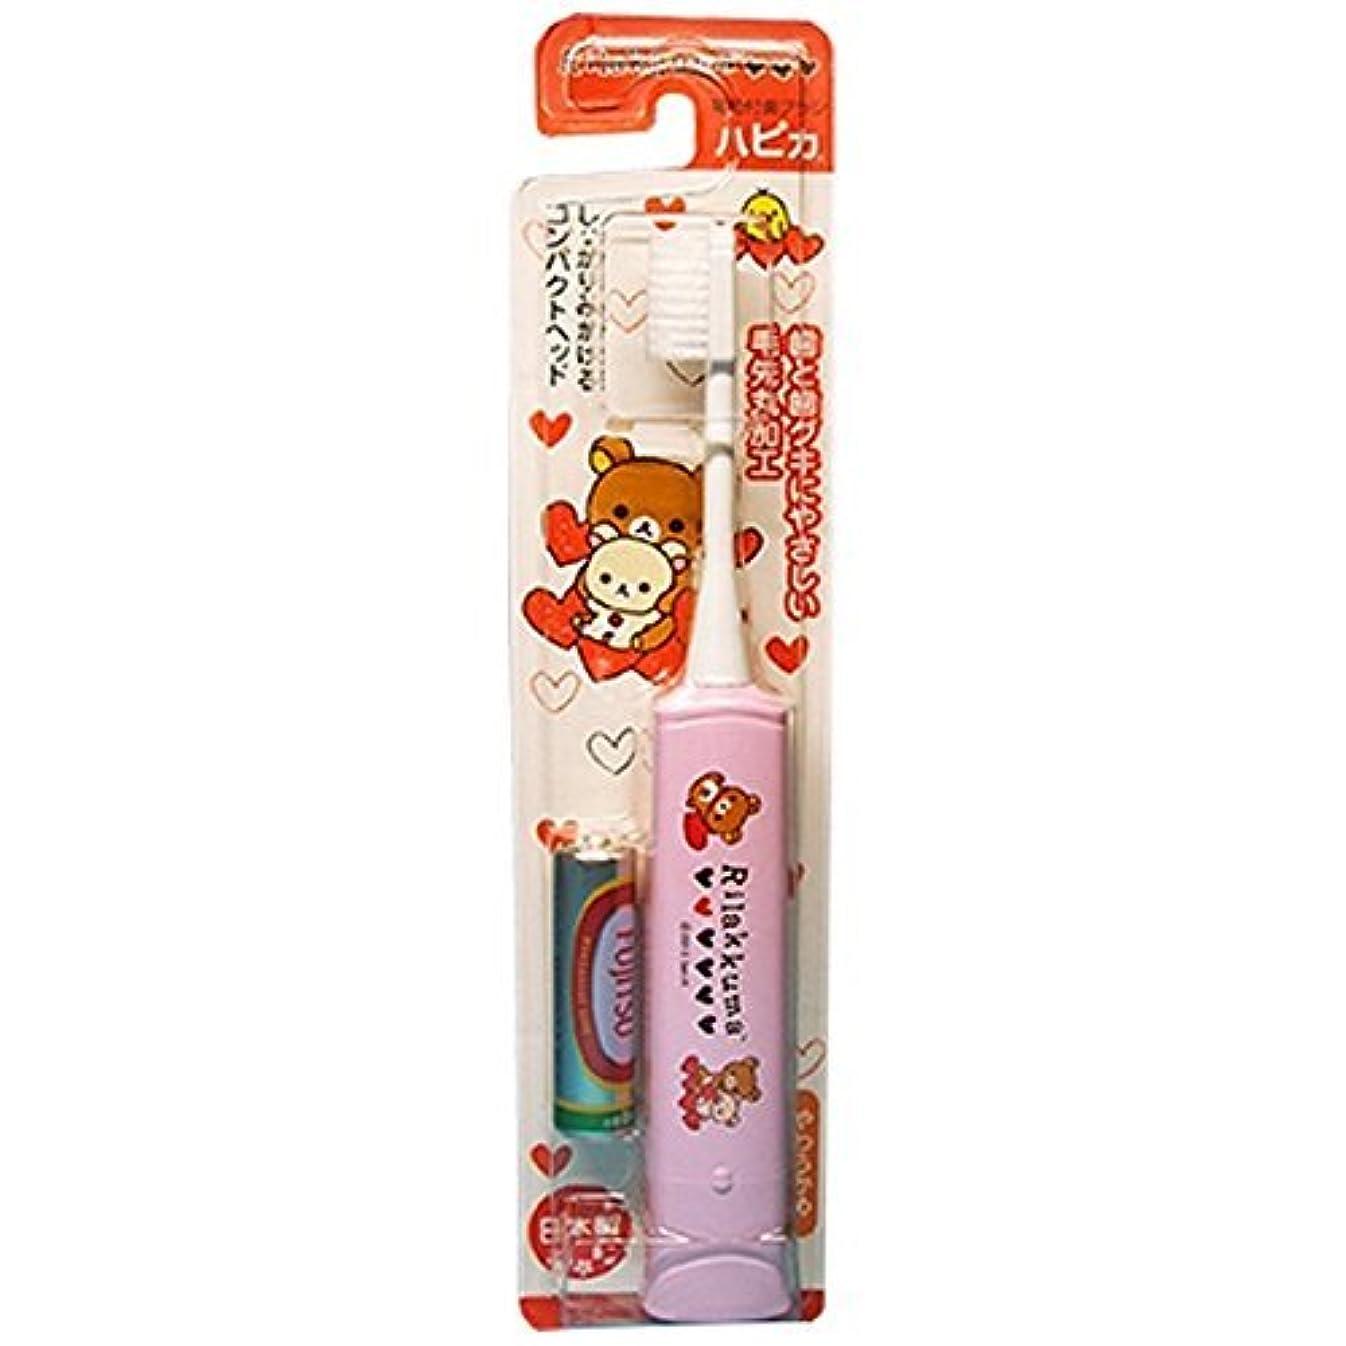 はっきりとアサートスキーミニマム 電動付歯ブラシ リラックマハピカ ピンク 毛の硬さ:やわらかめ DBM-5P(RK)